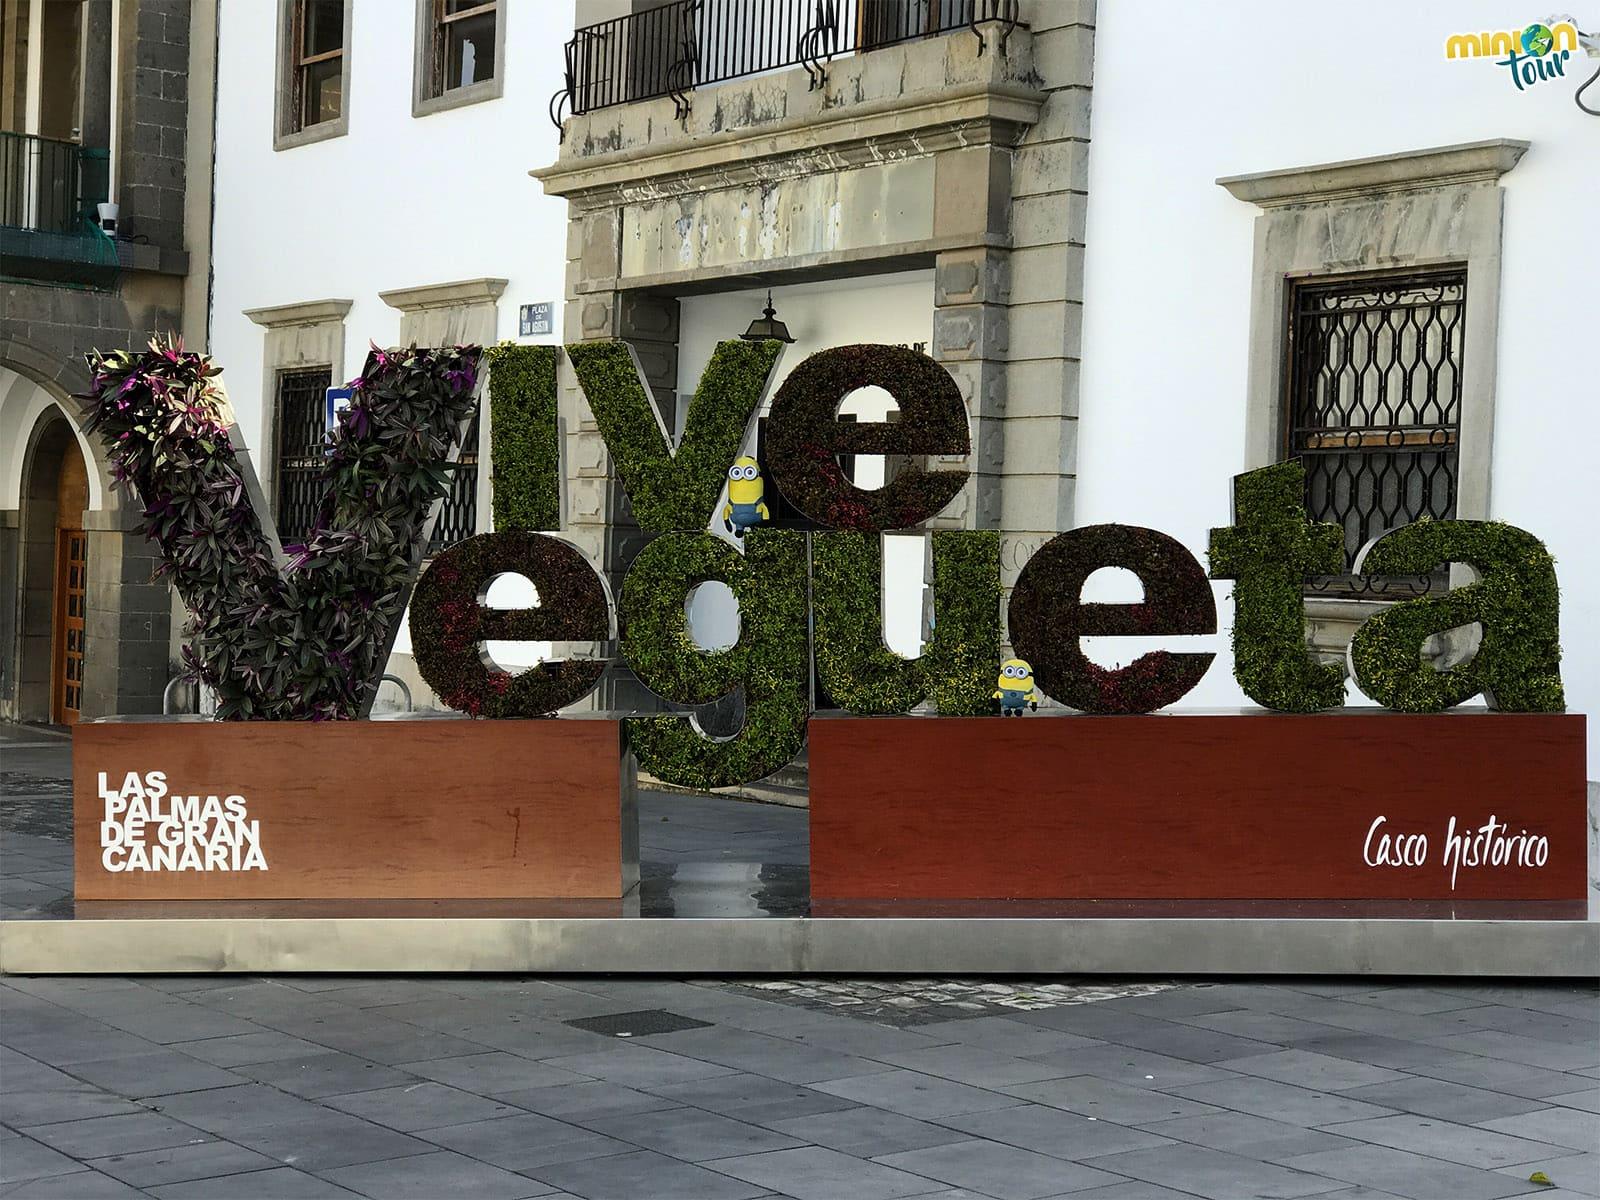 10 sitios chulos que tienes que ver en el Barrio de Vegueta de Las Palmas